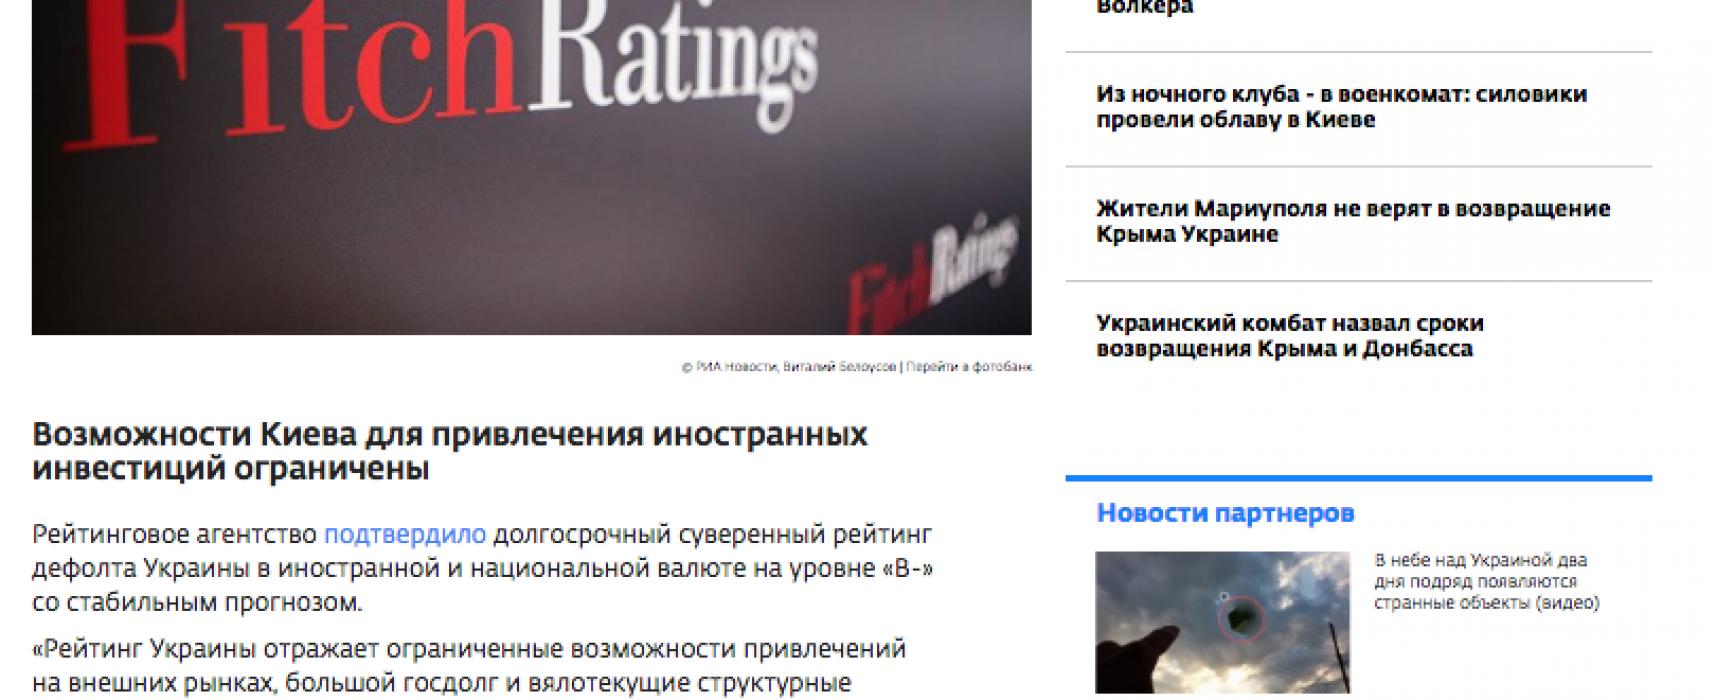 Фейк: Прогноз агентства Fitch по Украине неутешителен